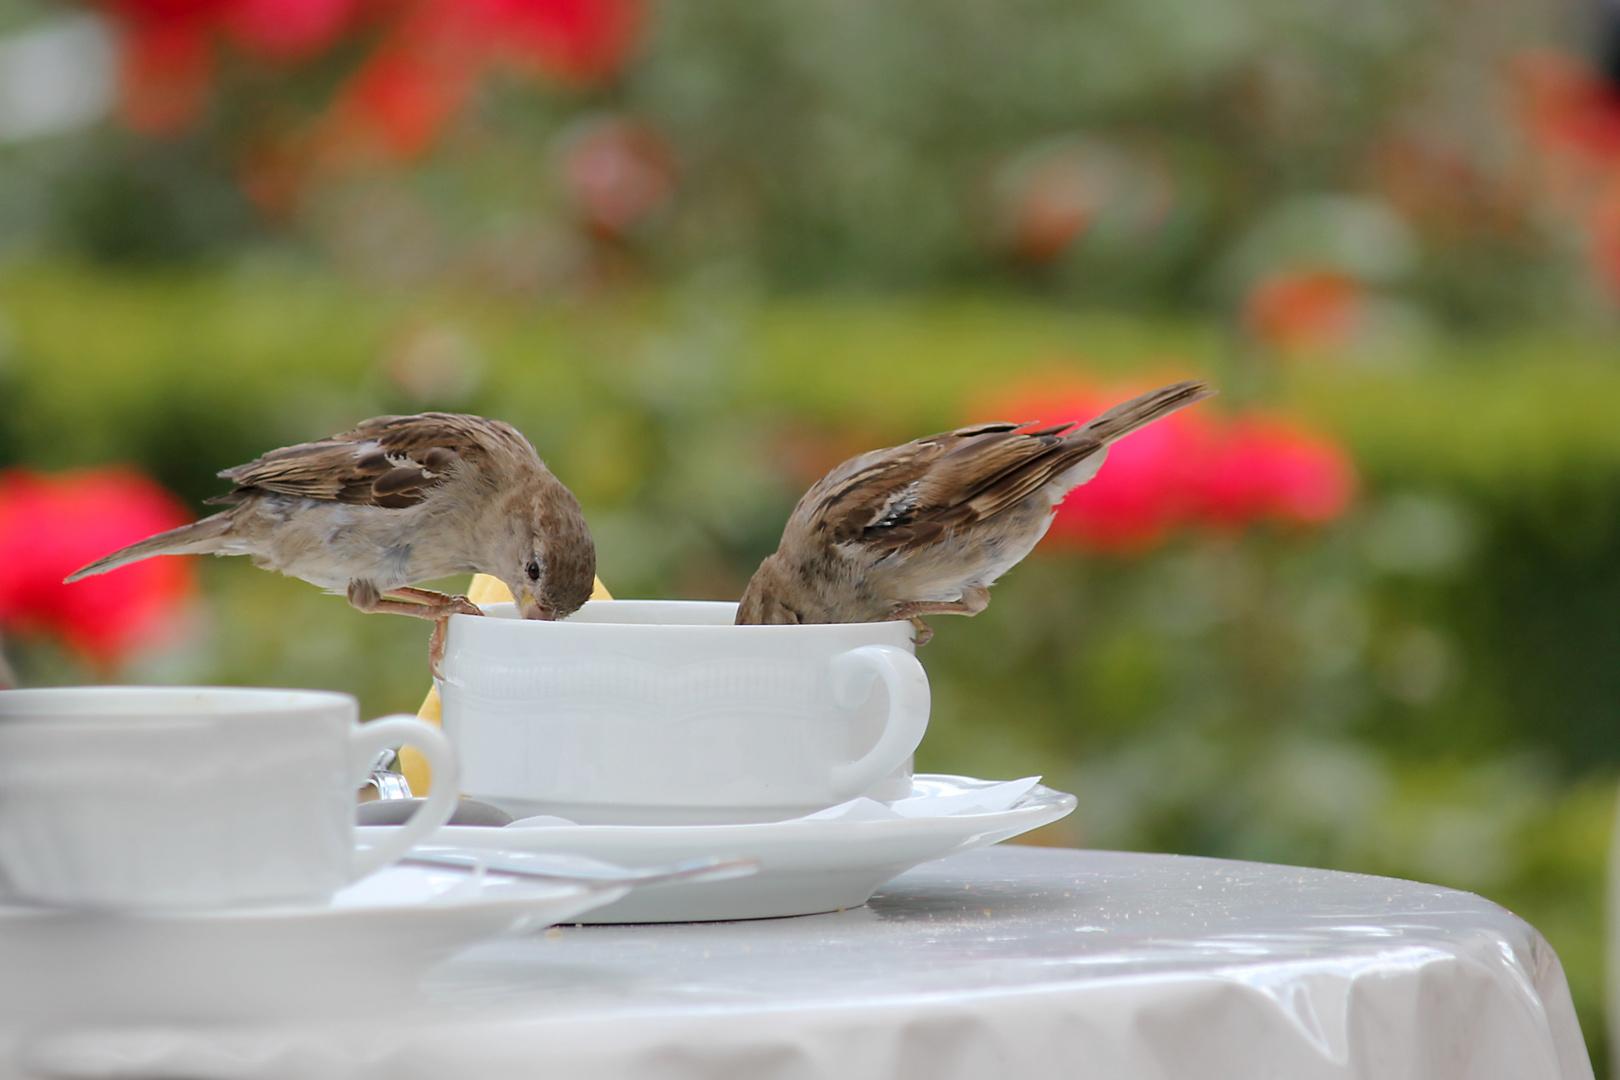 Lieber die Taube auf dem Dach als die Spatzen in der Tasse (Oder wie war das?)